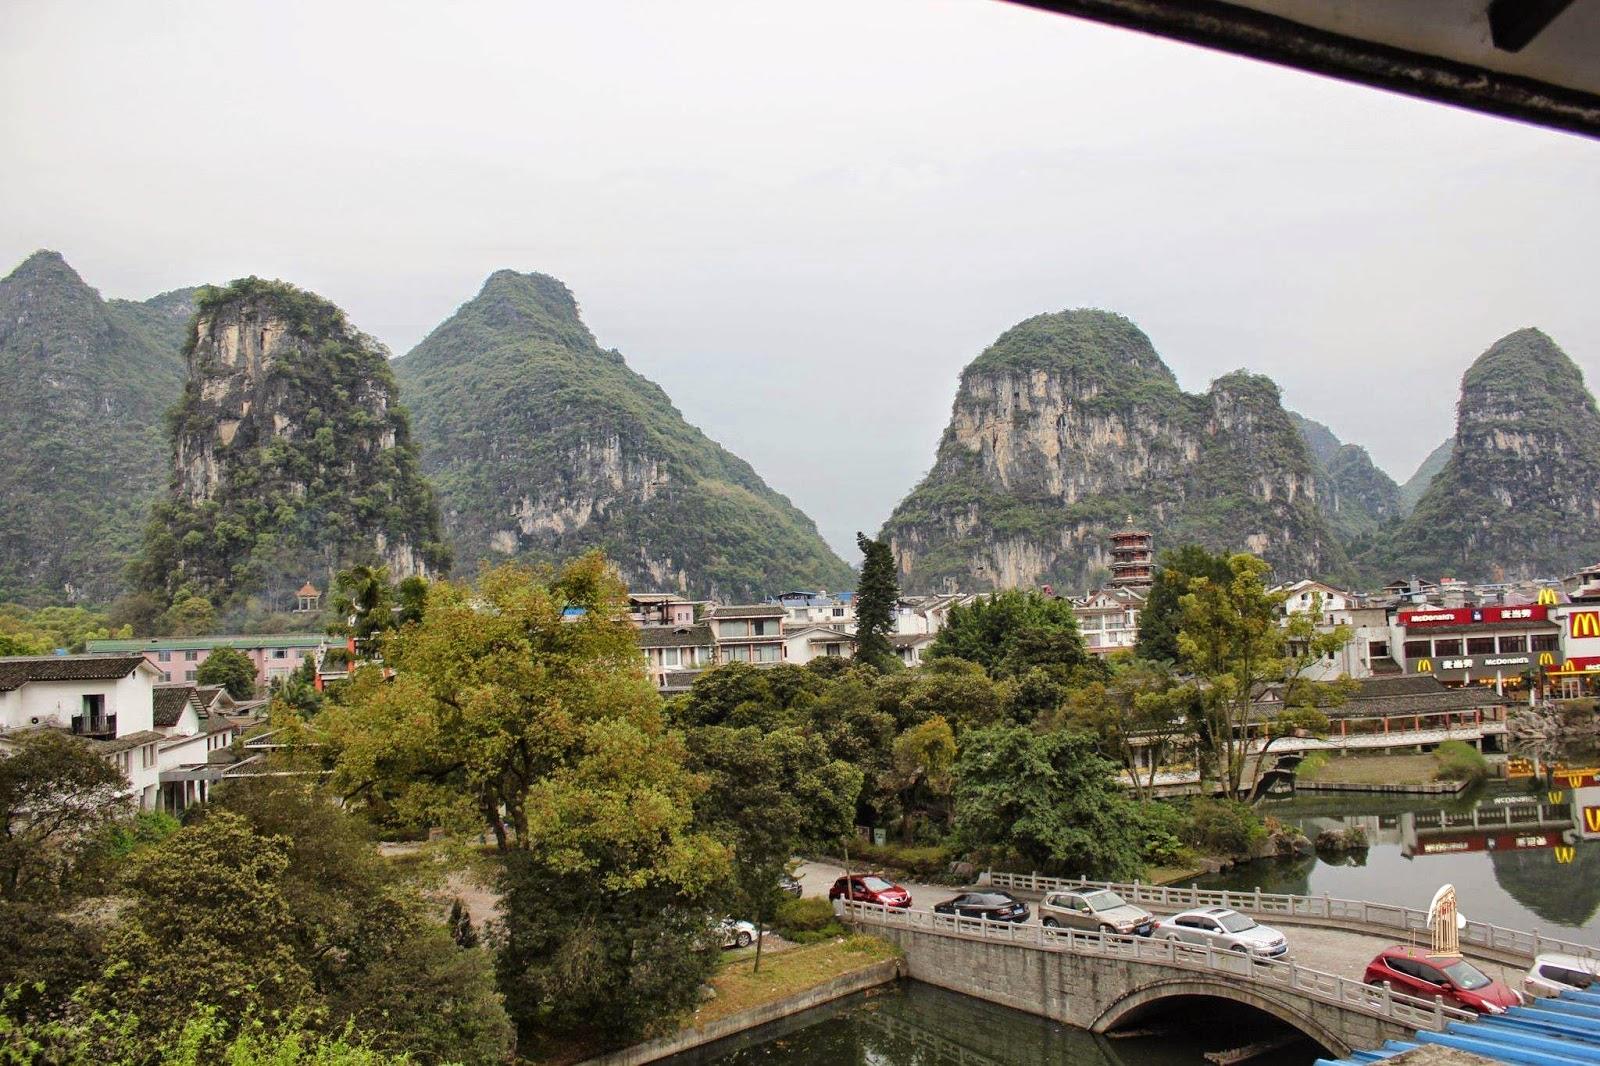 Panorama Dunia Keindahan Alam Ciptaan Tuhan 1 Guilin Canal Structures